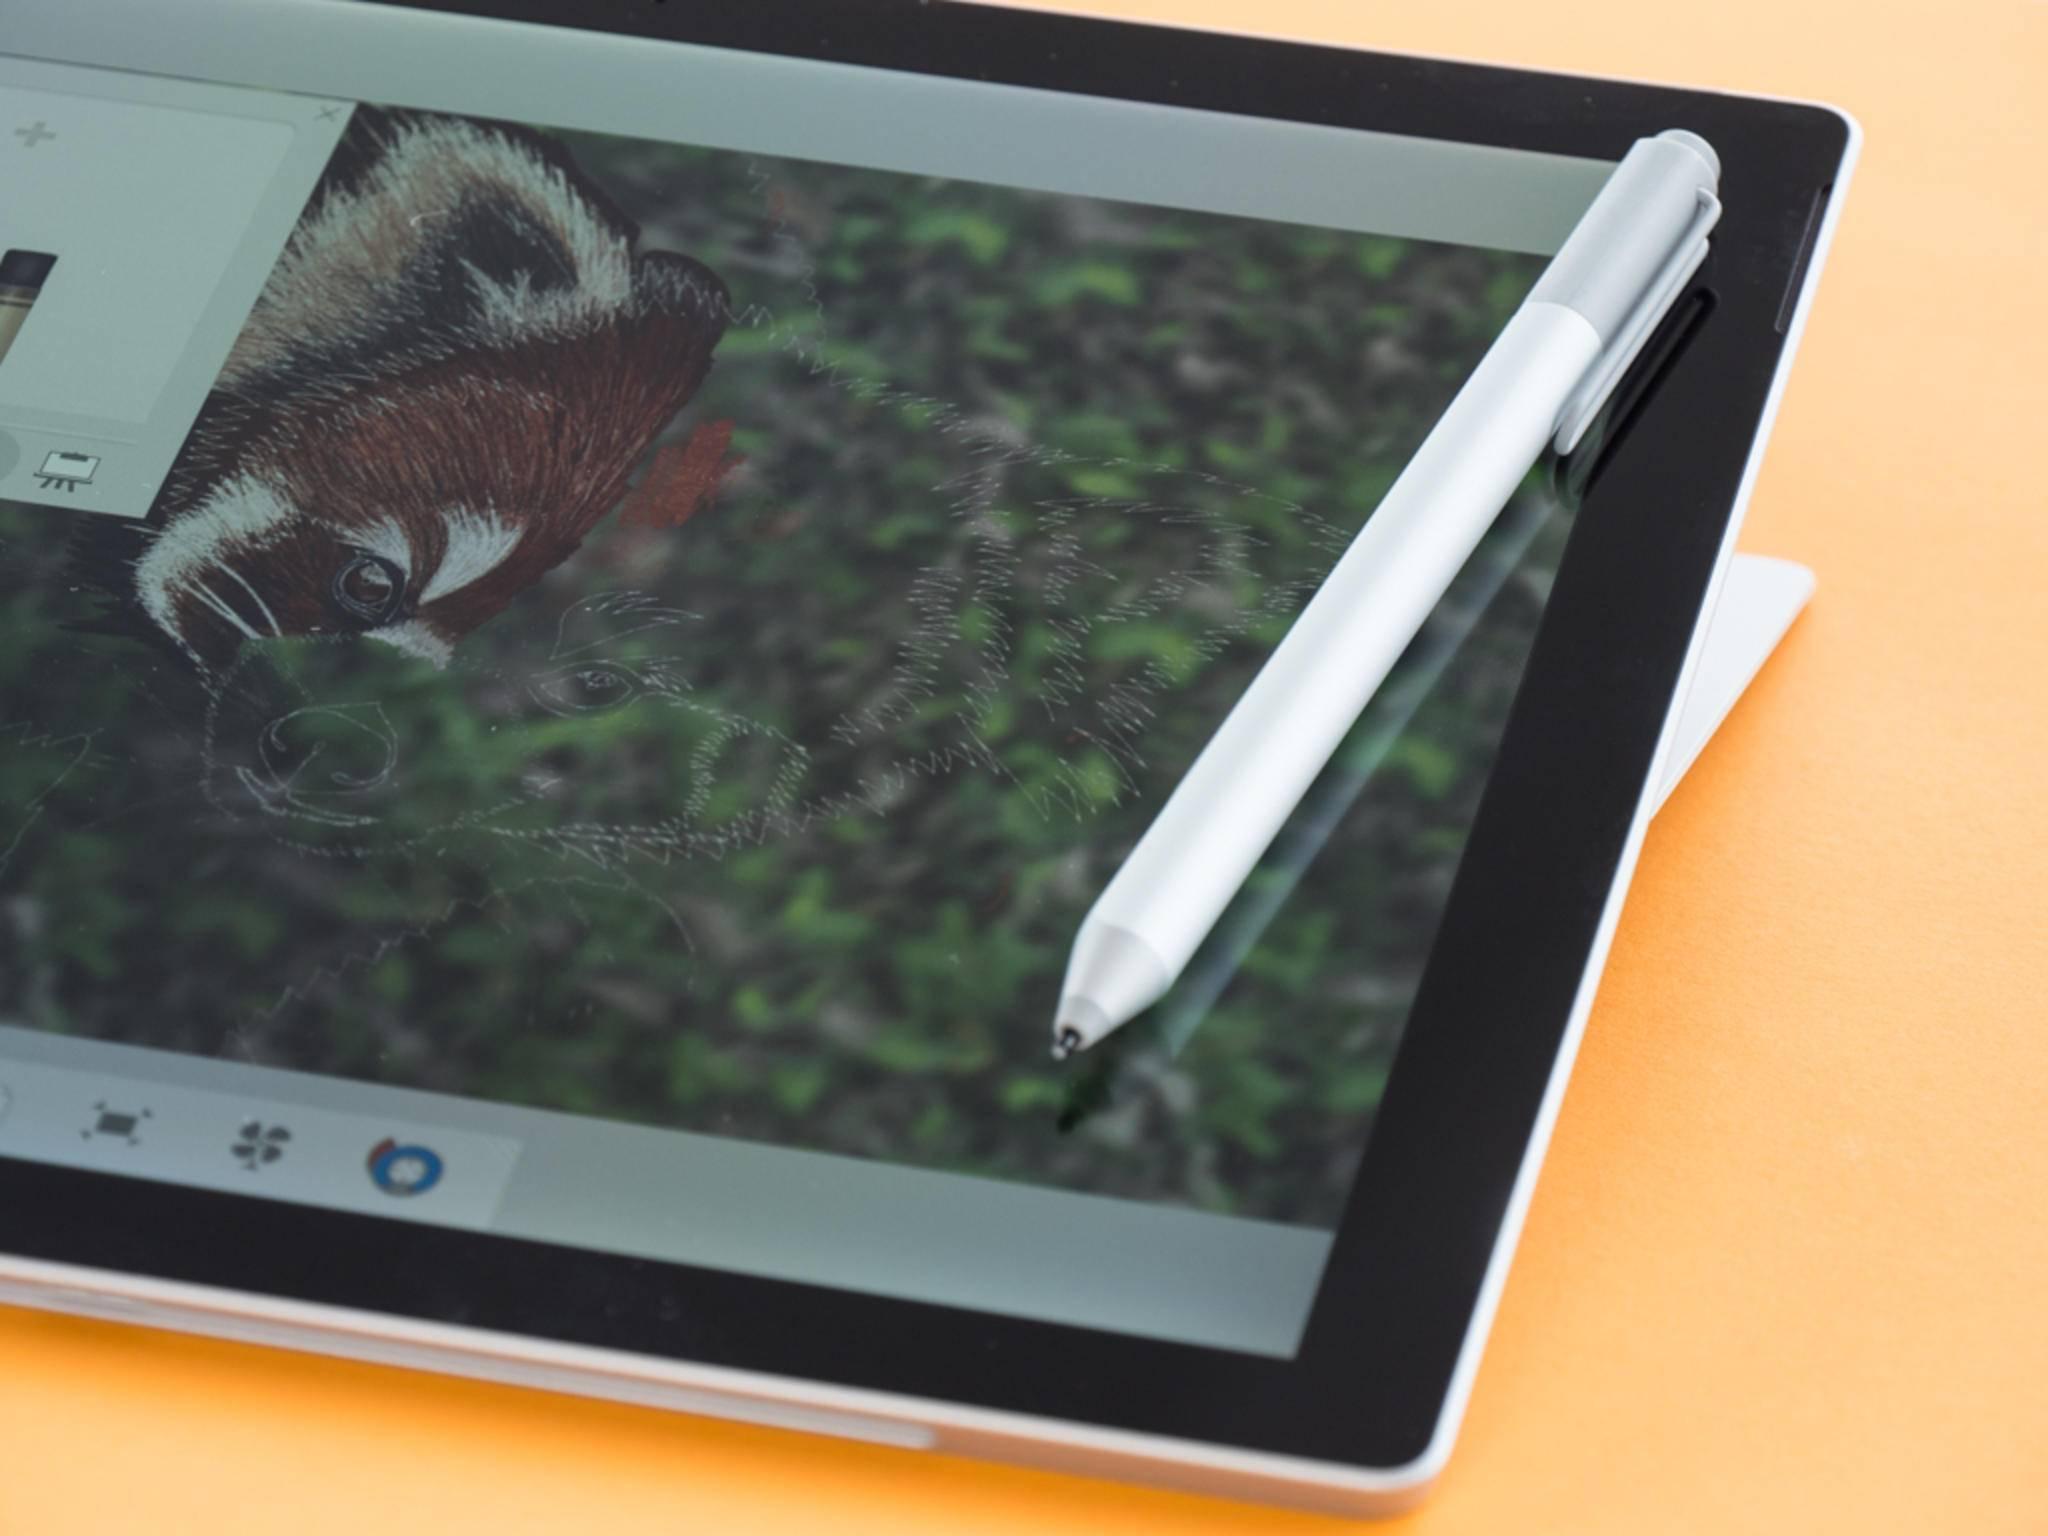 Mit dem Surface Pen sind handschriftliche Notizen und Zeichnungen möglich.